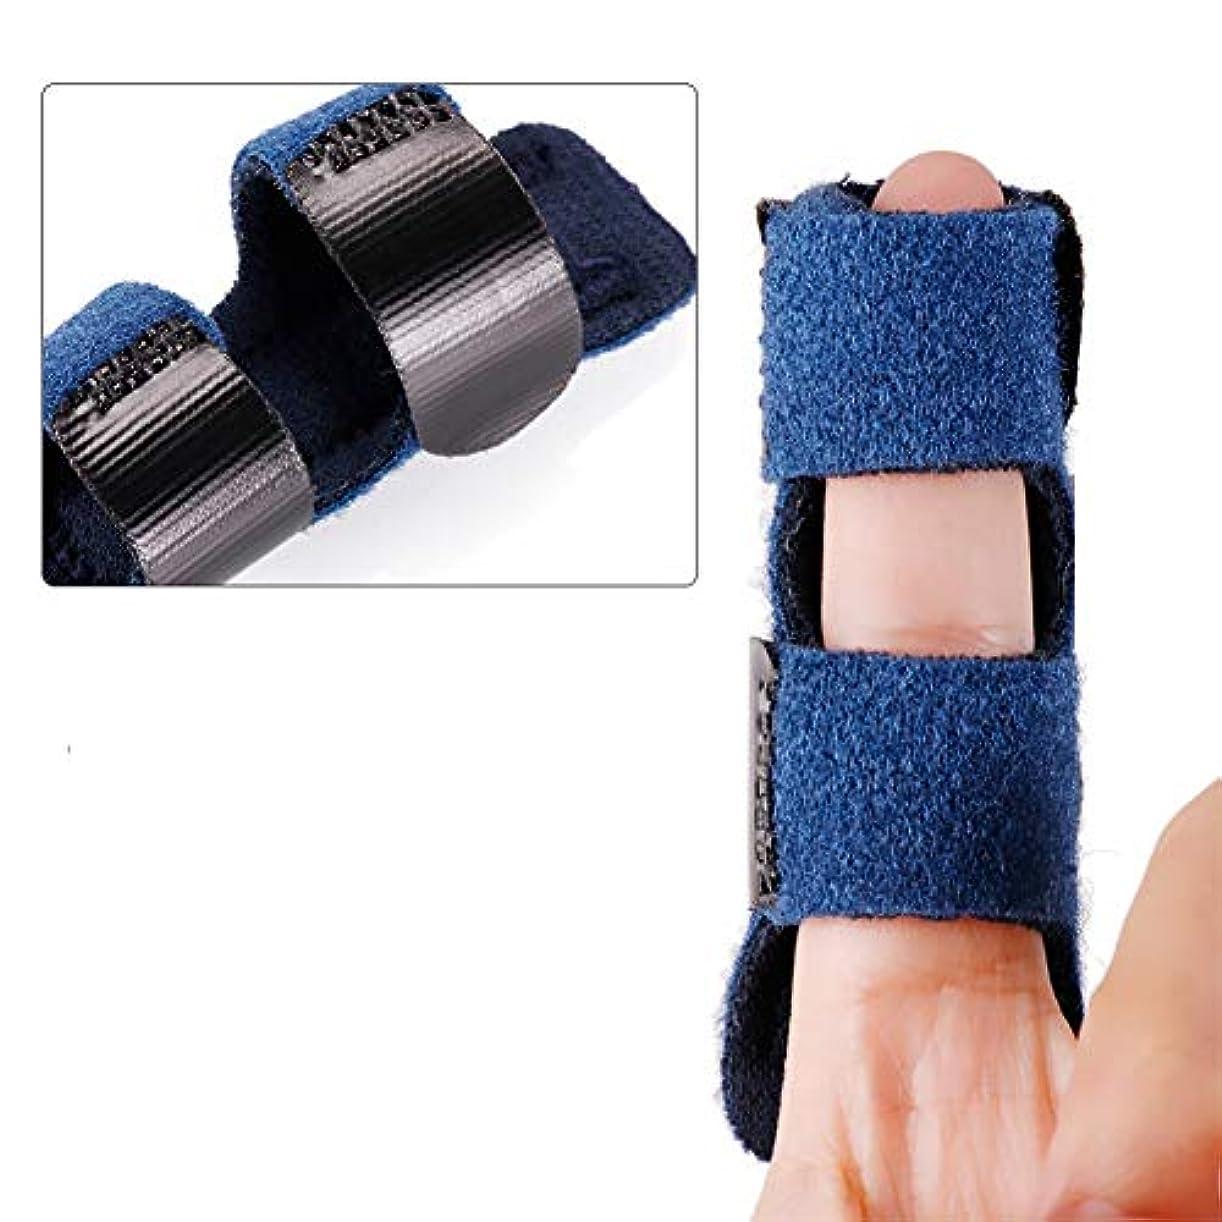 ラックスタッフ限定指サポーター ばね指サポーター バネ指 腱鞘炎 指保護 固定 調整自在 左右兼用 フリーサイズ